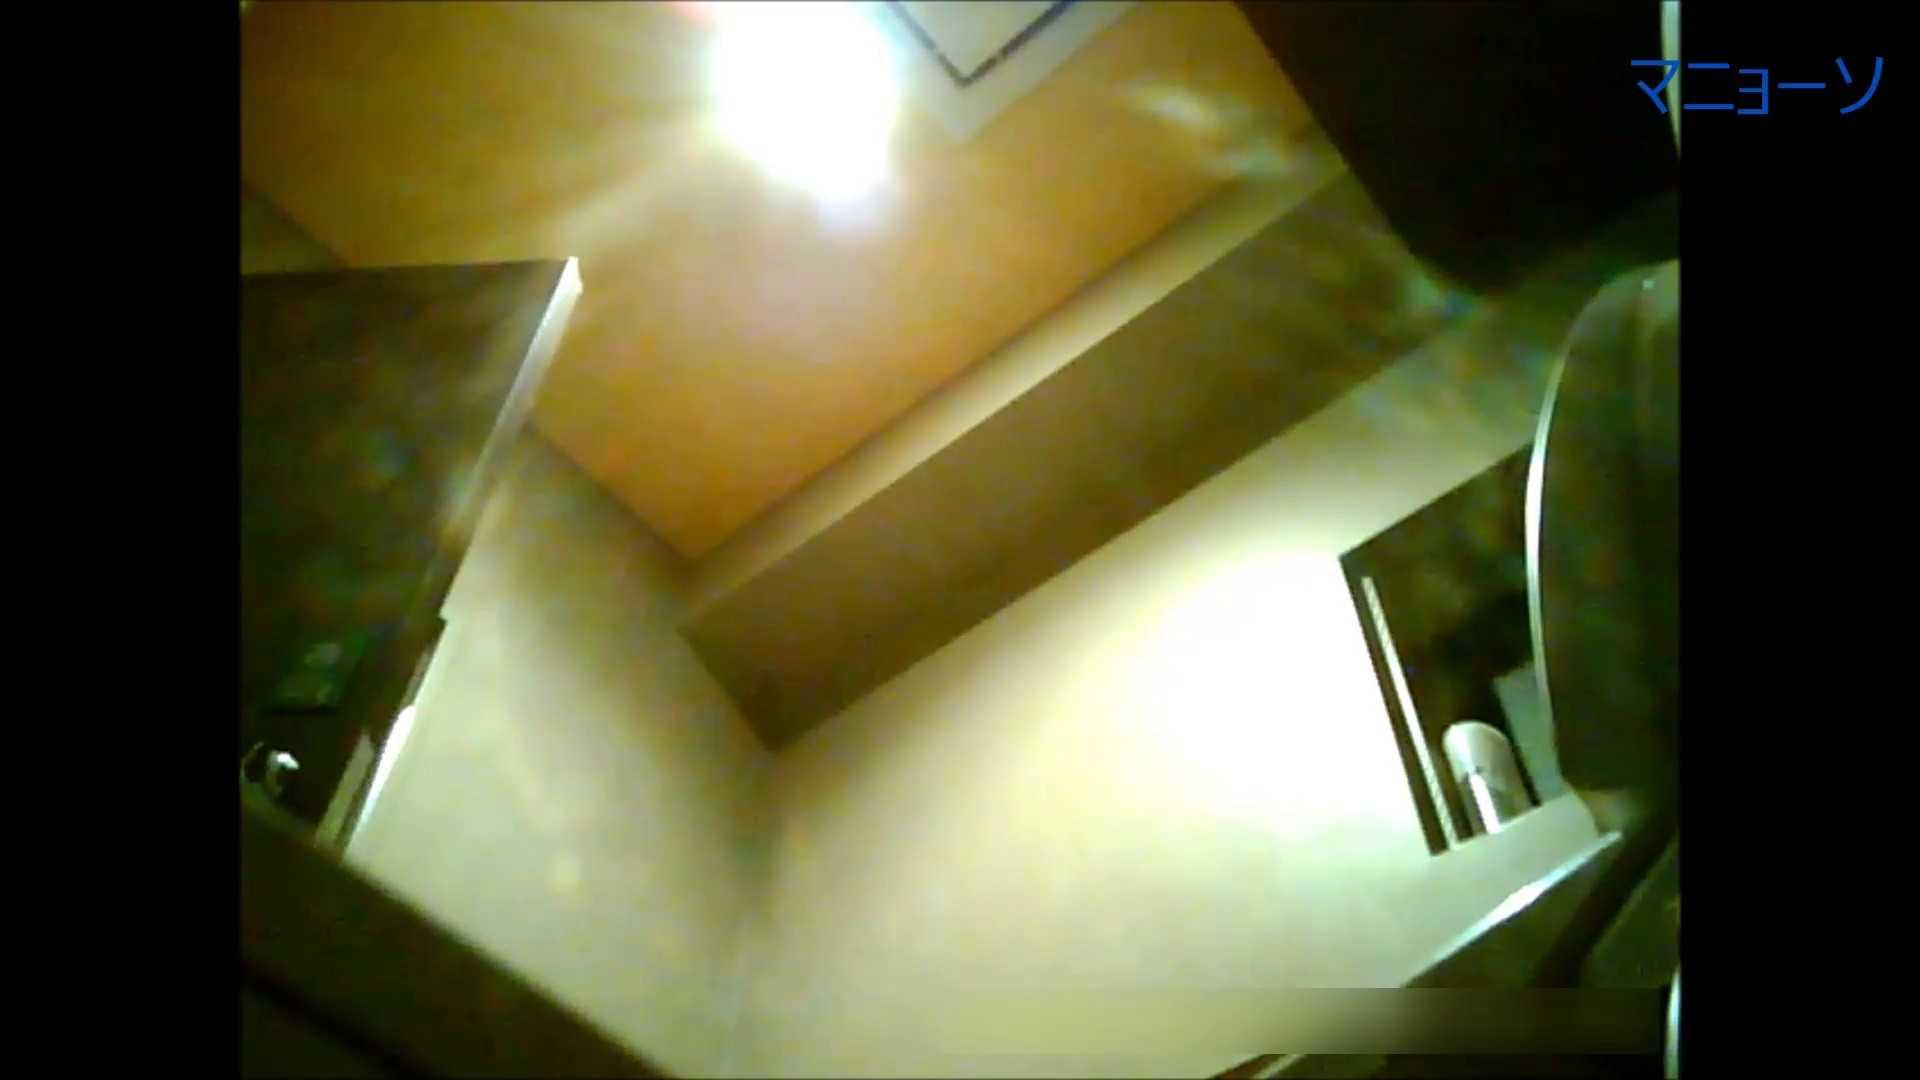 トイレでひと肌脱いでもらいました (JD編)Vol.01 OL  93pic 83